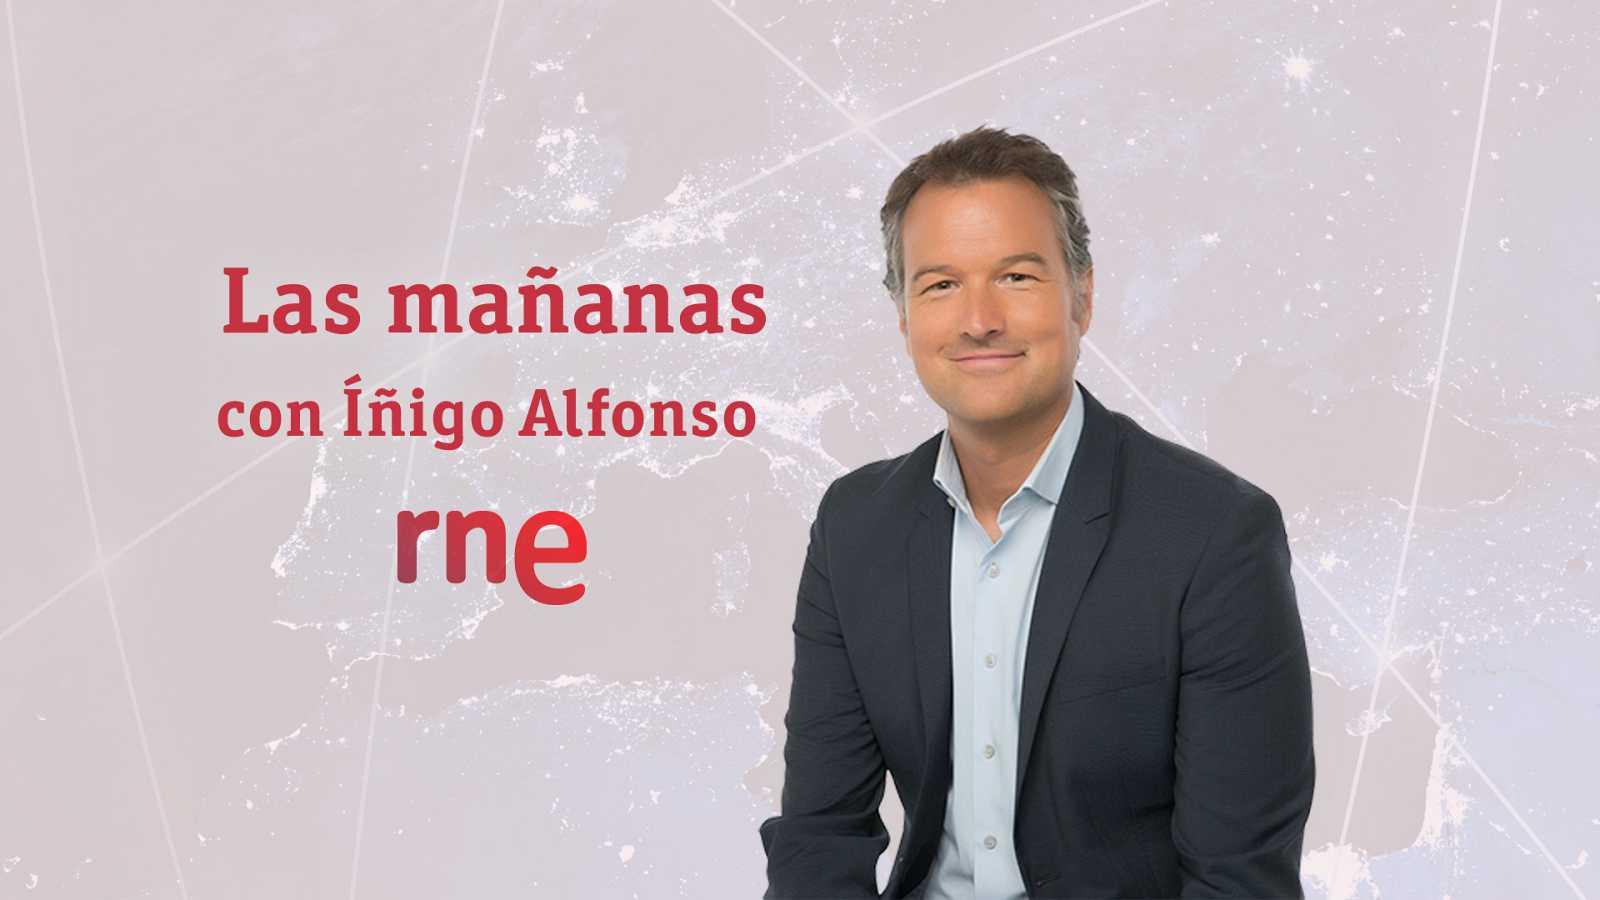 Las mañanas de RNE con Íñigo Alfonso - Primera hora - 26/03/20 - escuchar ahora